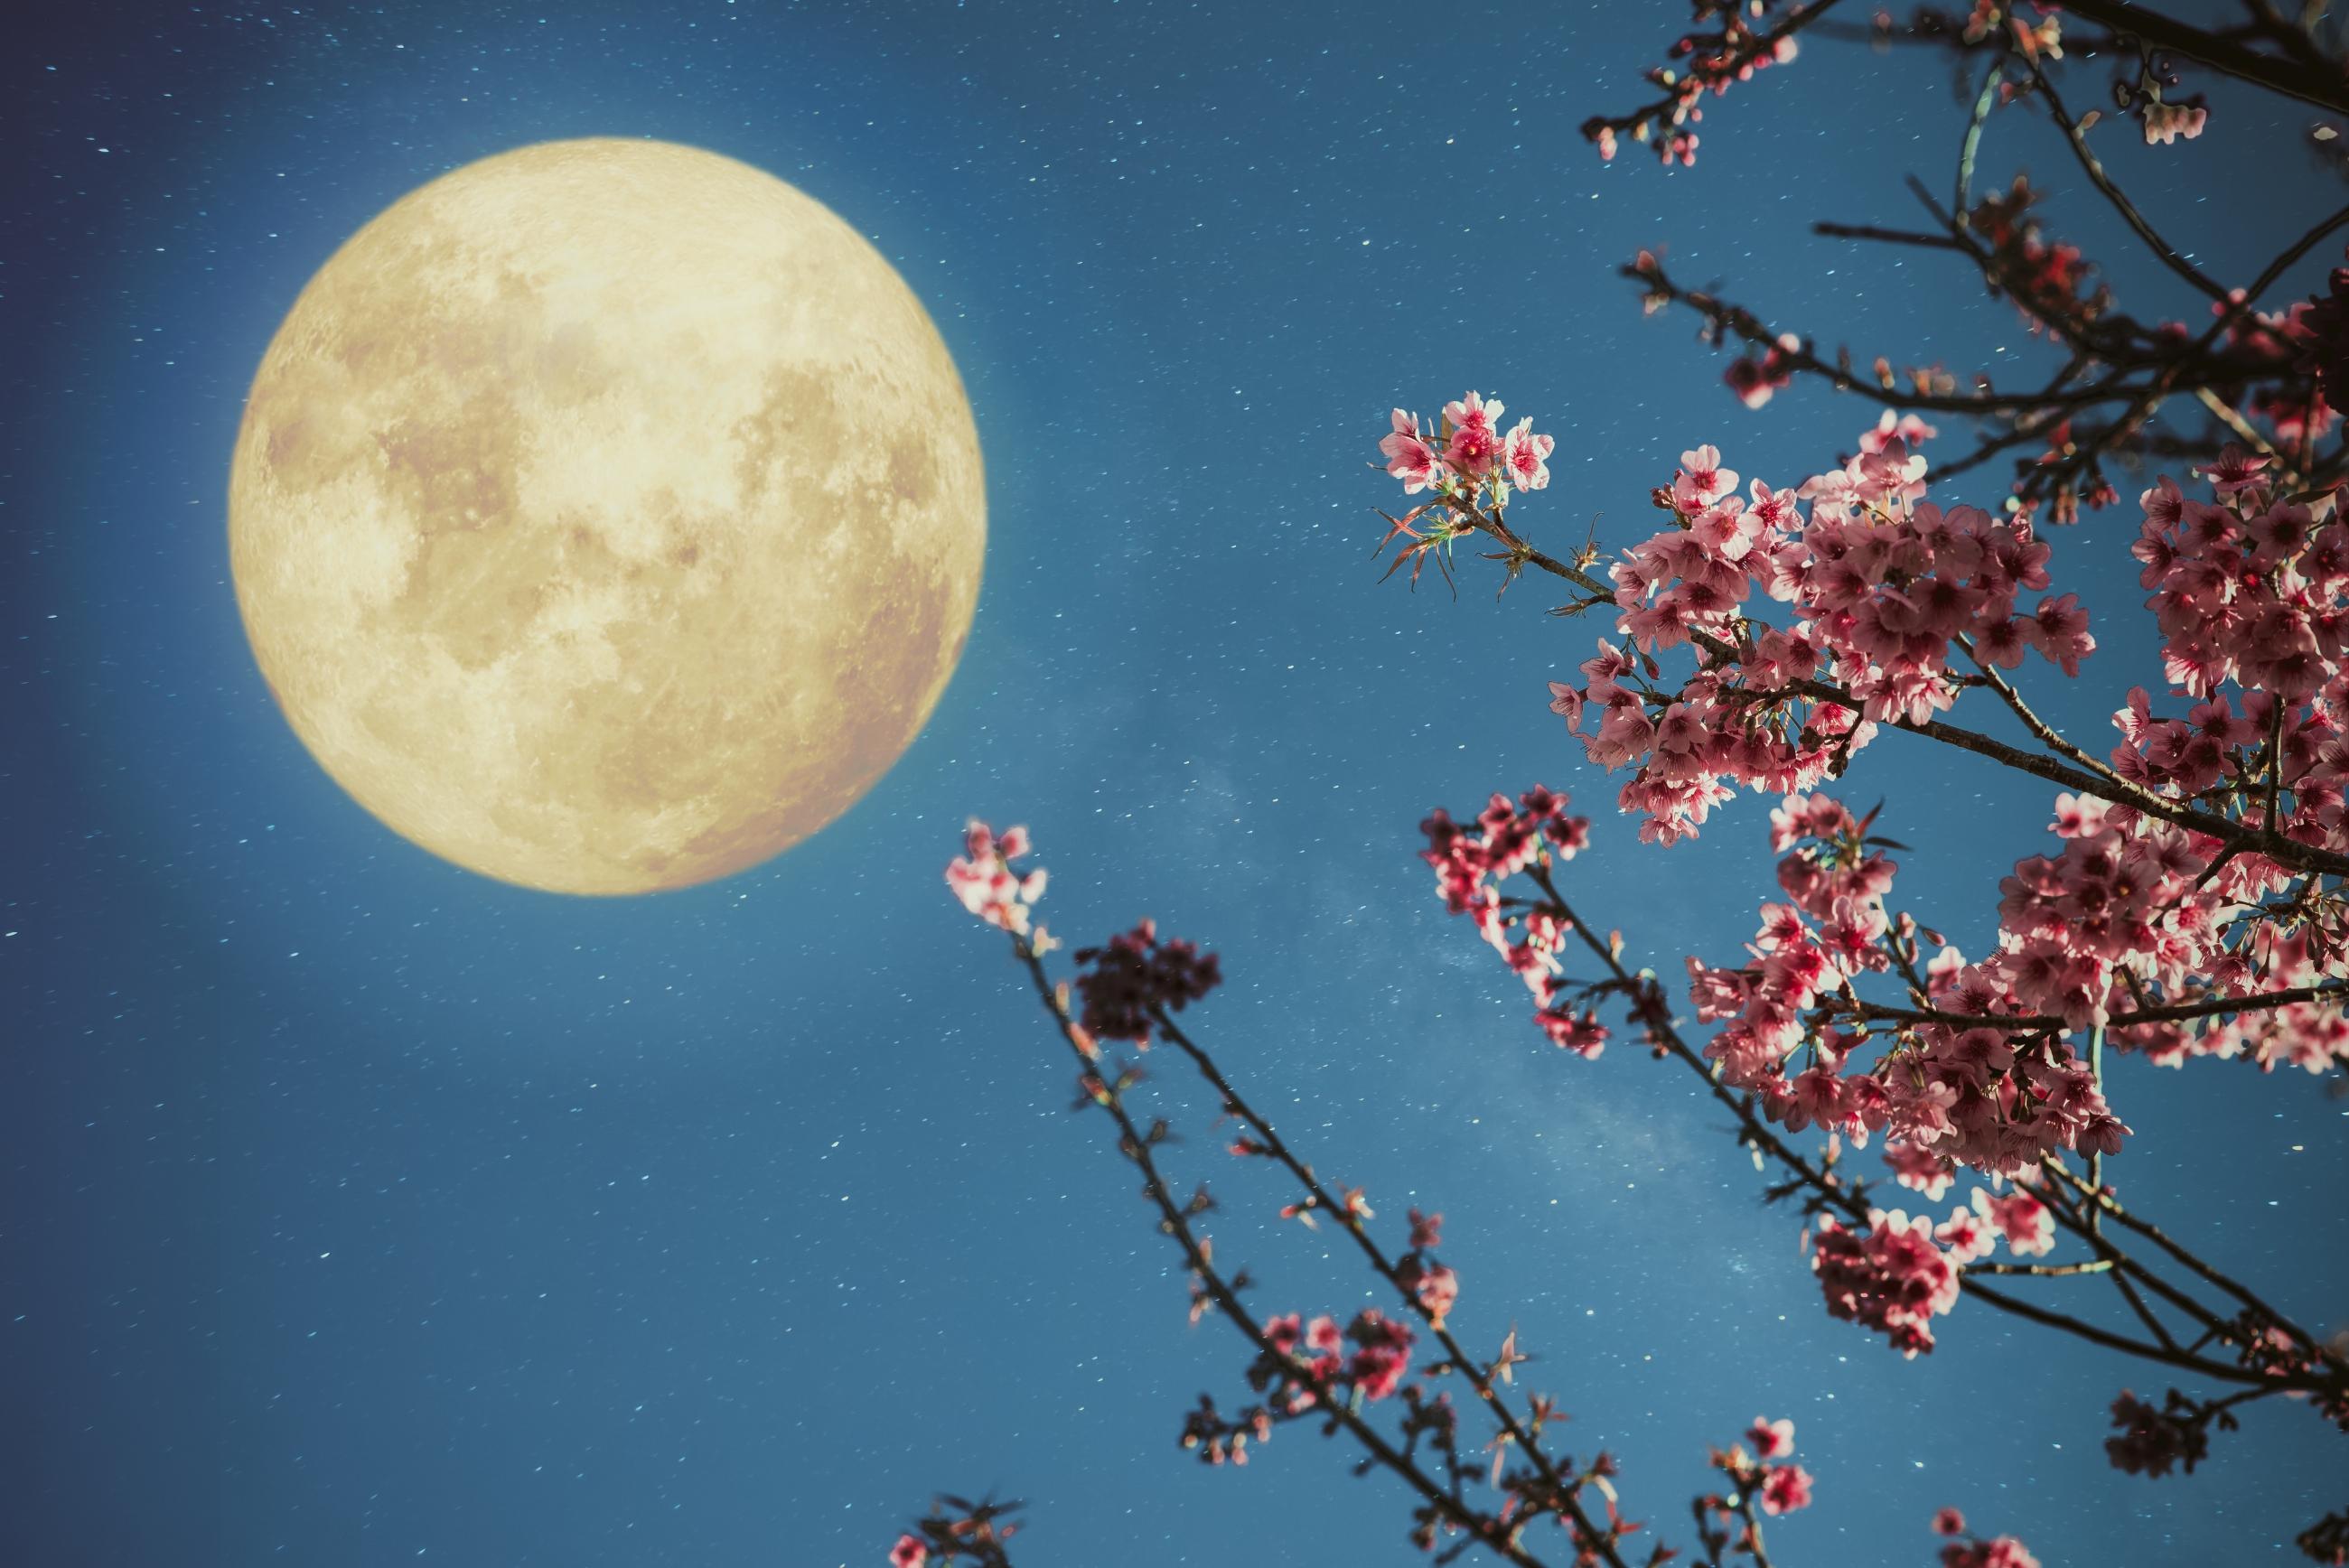 Jardiner près de la lune: Comment planter avant la phase de la lune